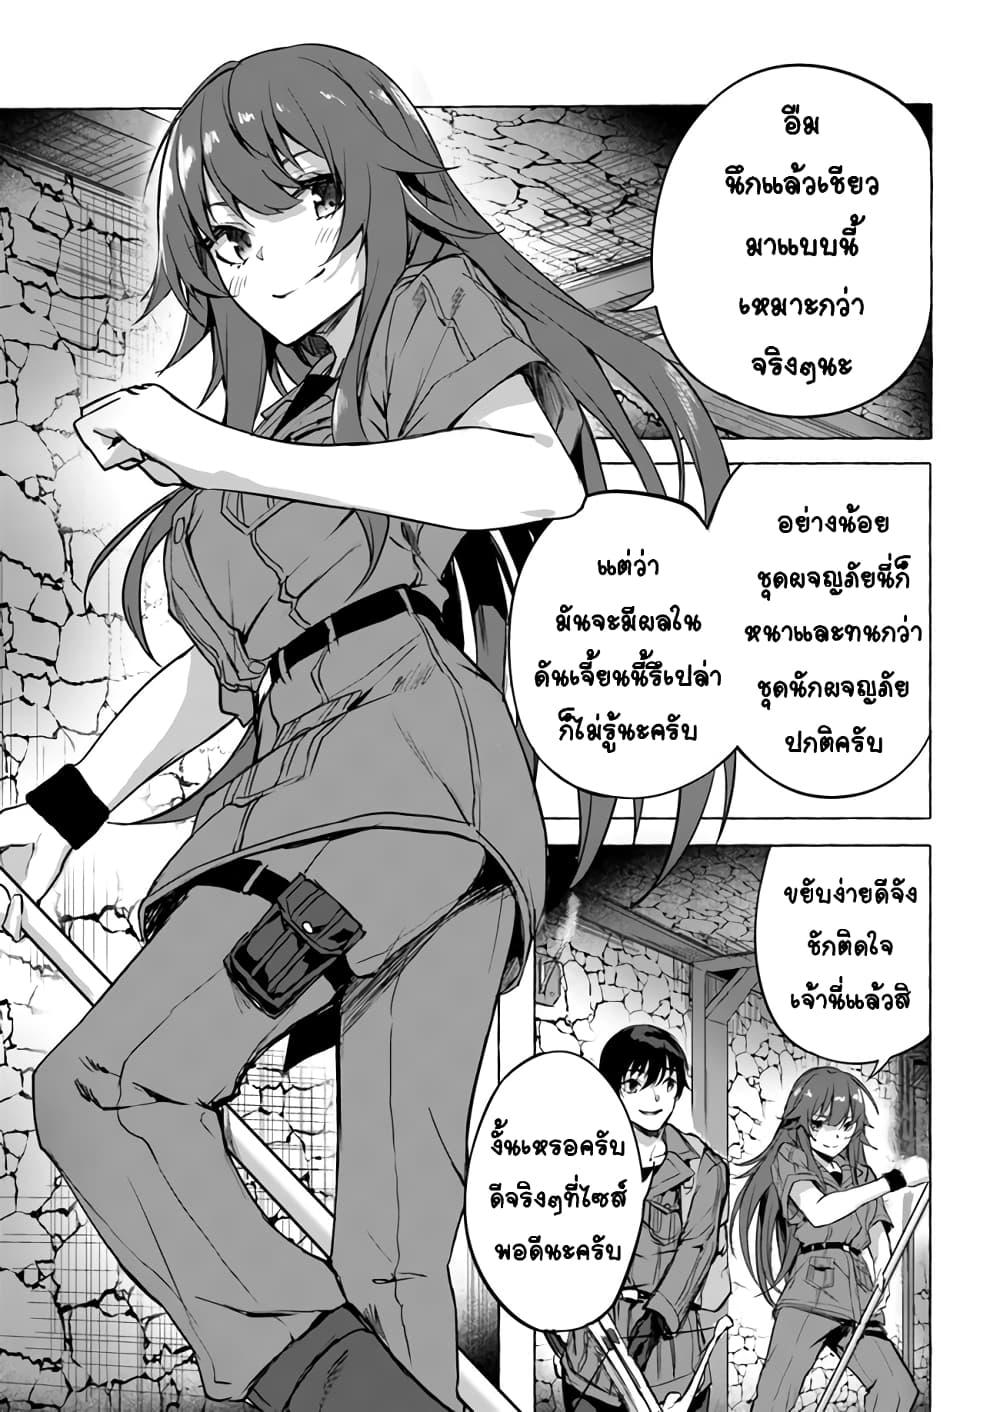 อ่านการ์ตูน Sex and Dungeon! ตอนที่ 8 หน้าที่ 5